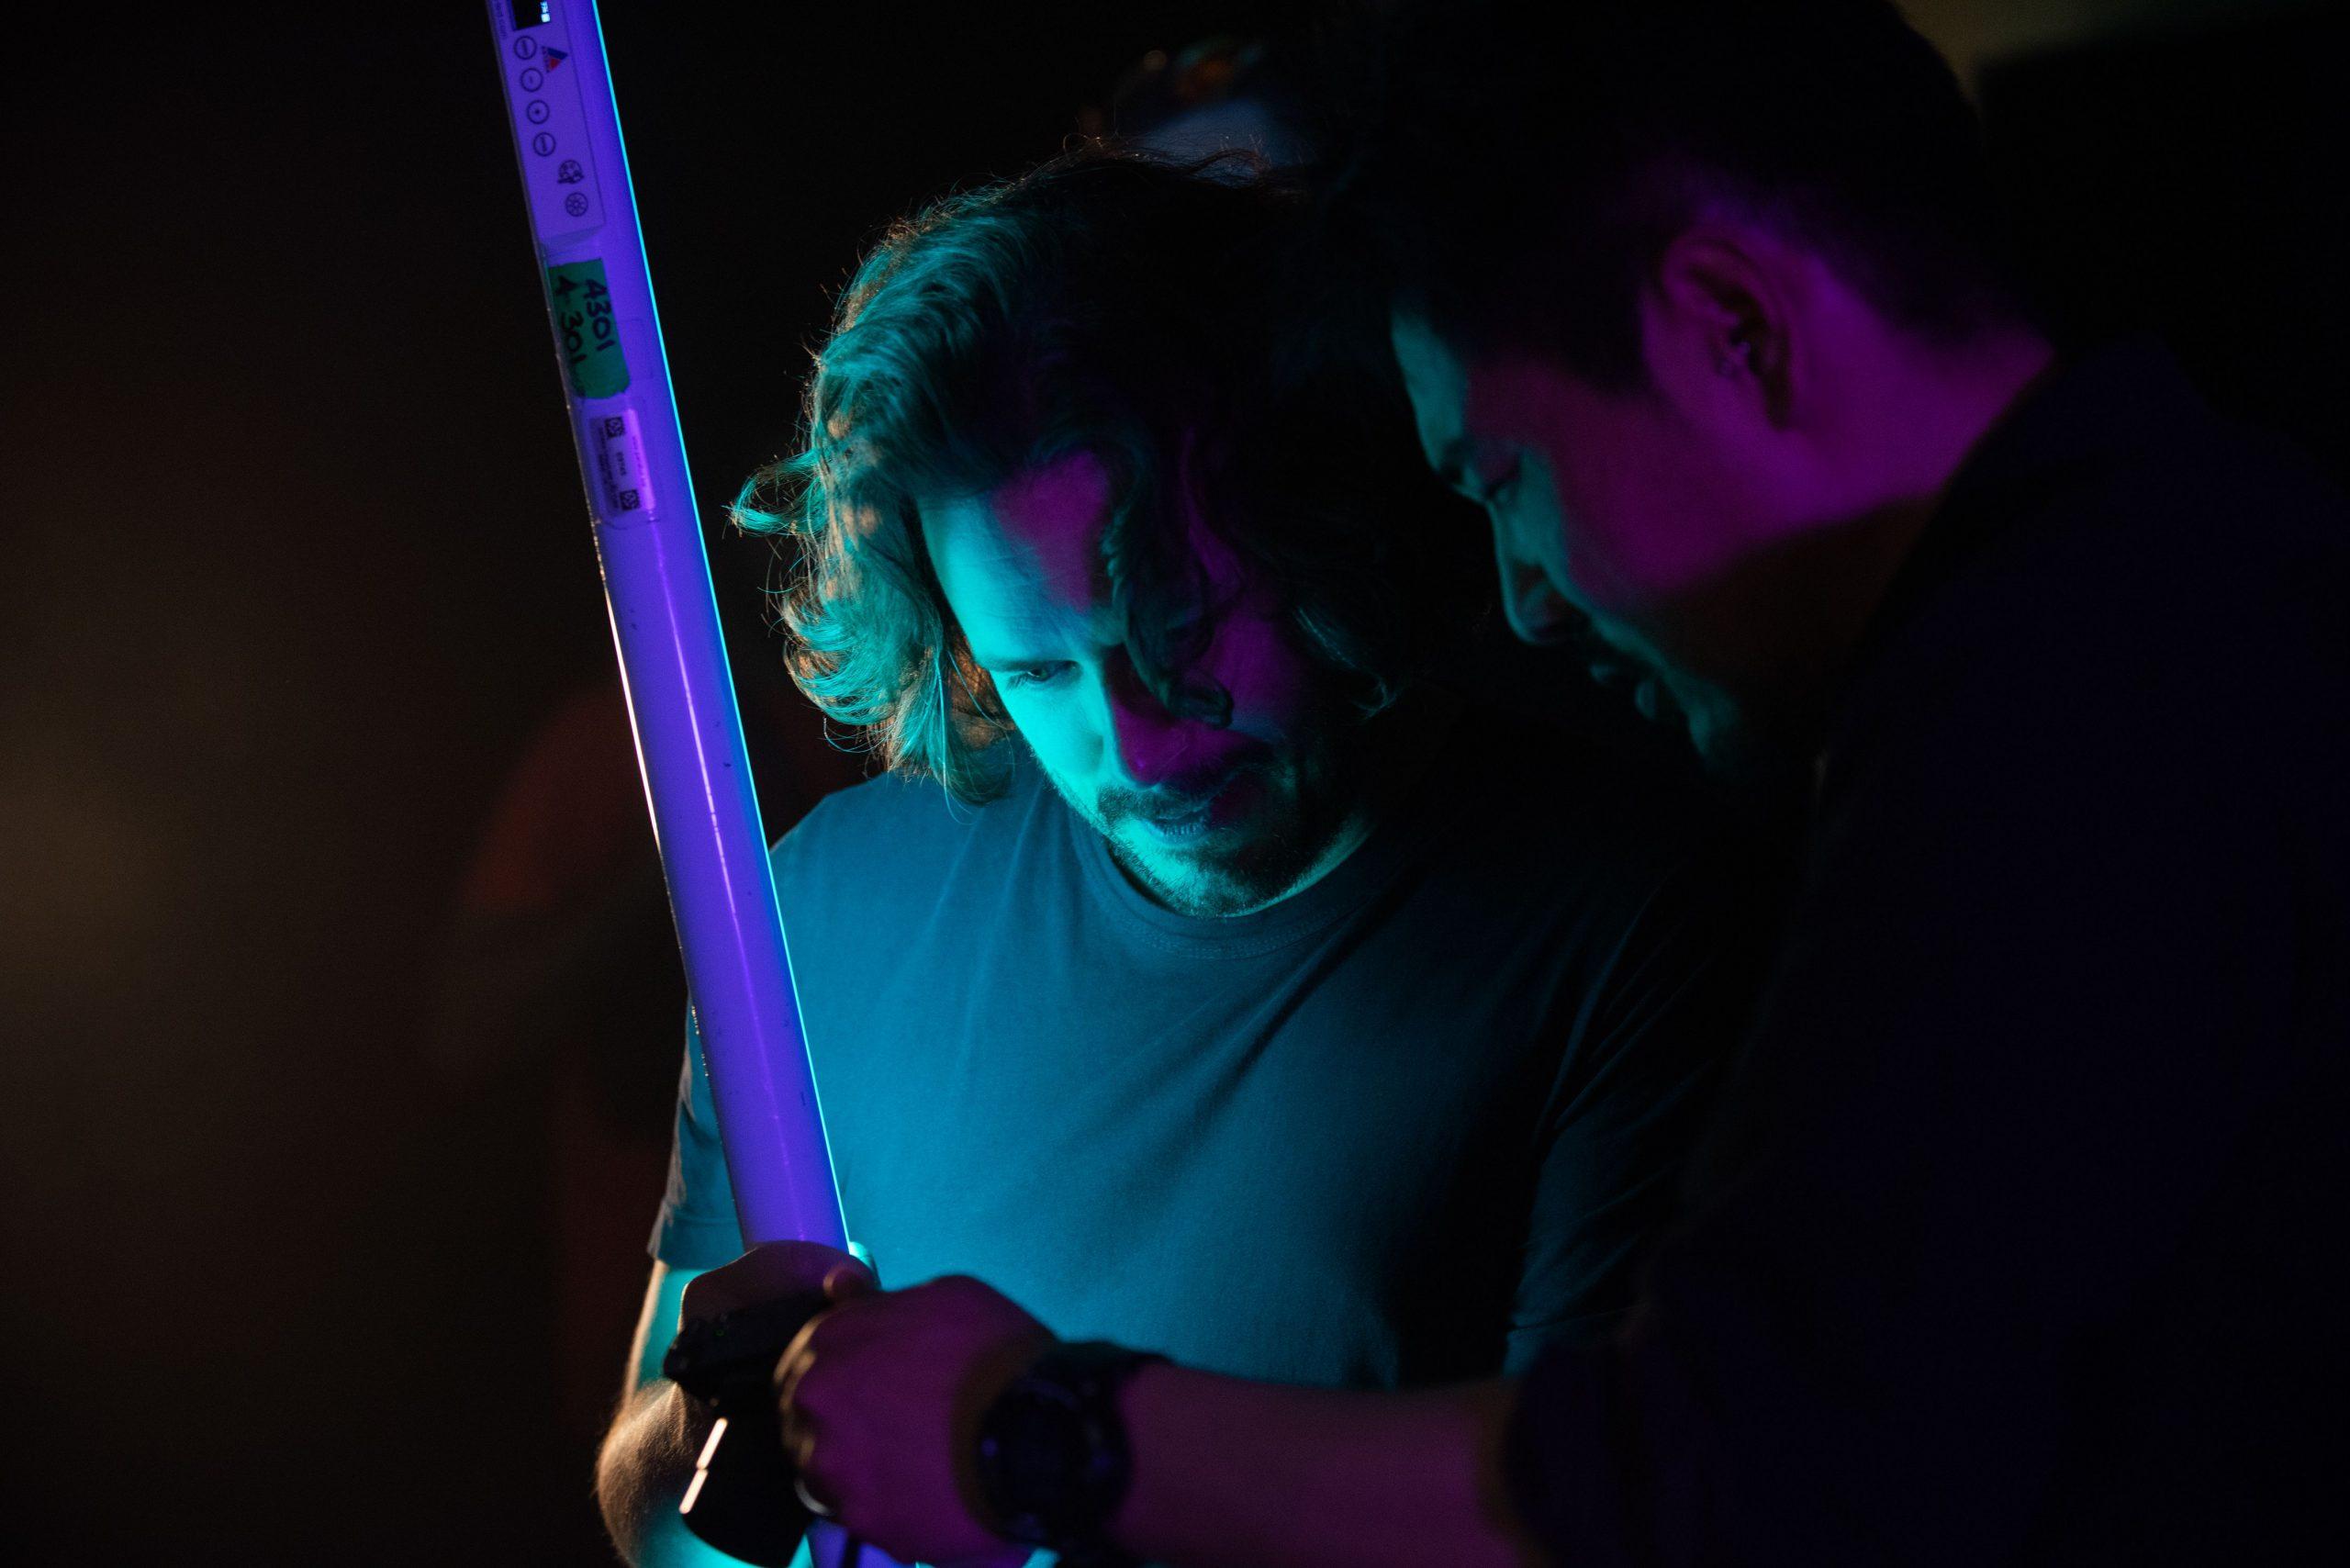 Первый трейлер «Прошлой ночью в Сохо» с Аней Тейлор-Джой 4